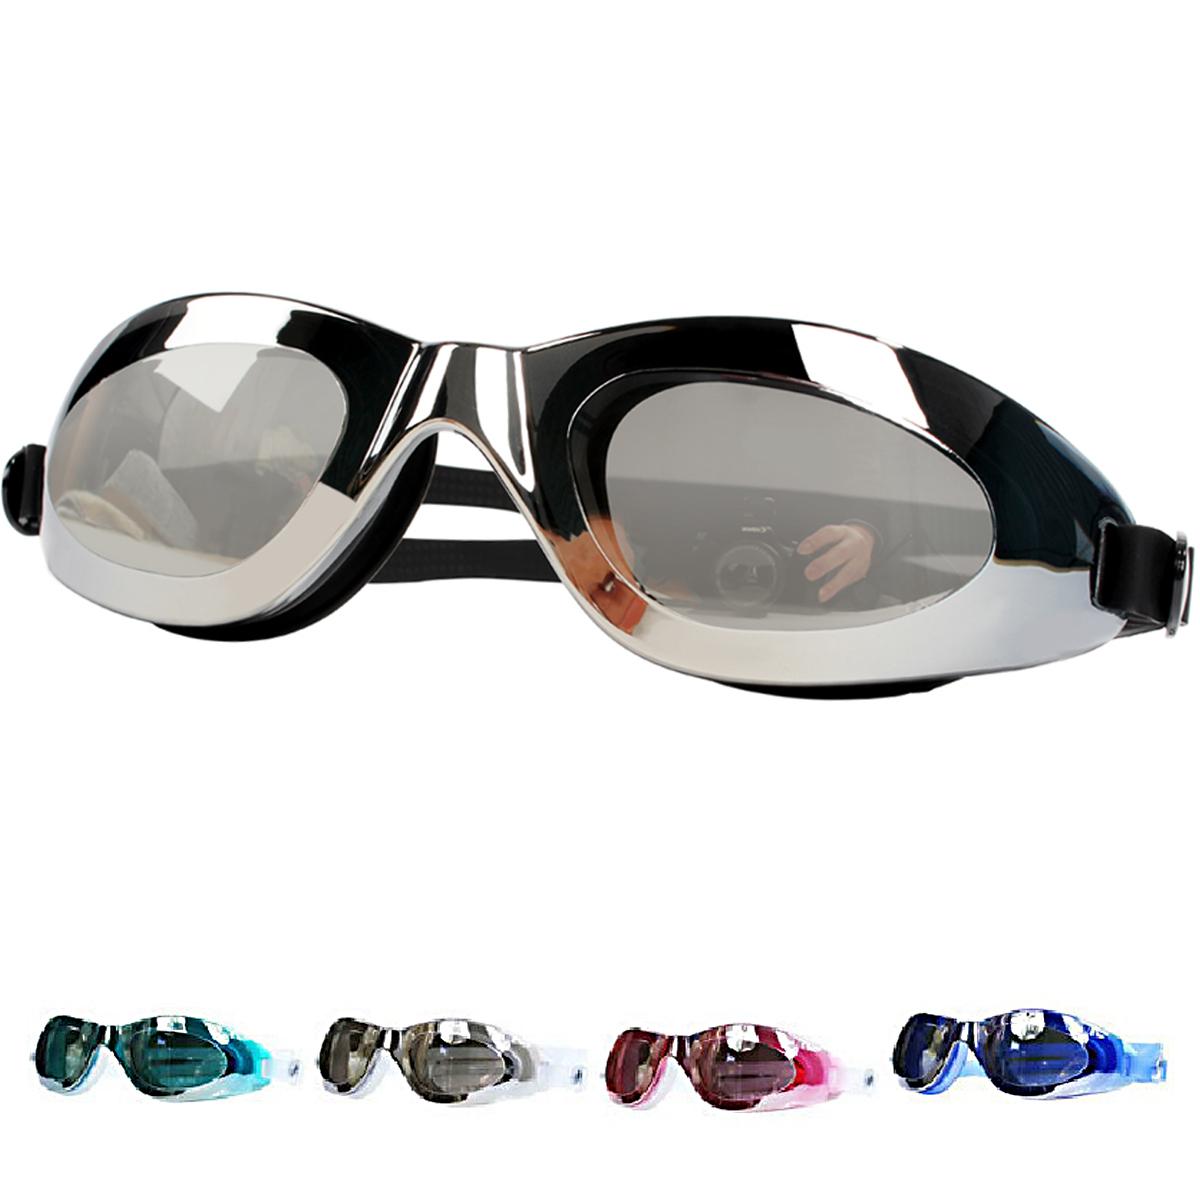 电镀/防雾/大框/防水/防紫外线正品男女平光防水高清游泳镜 包邮